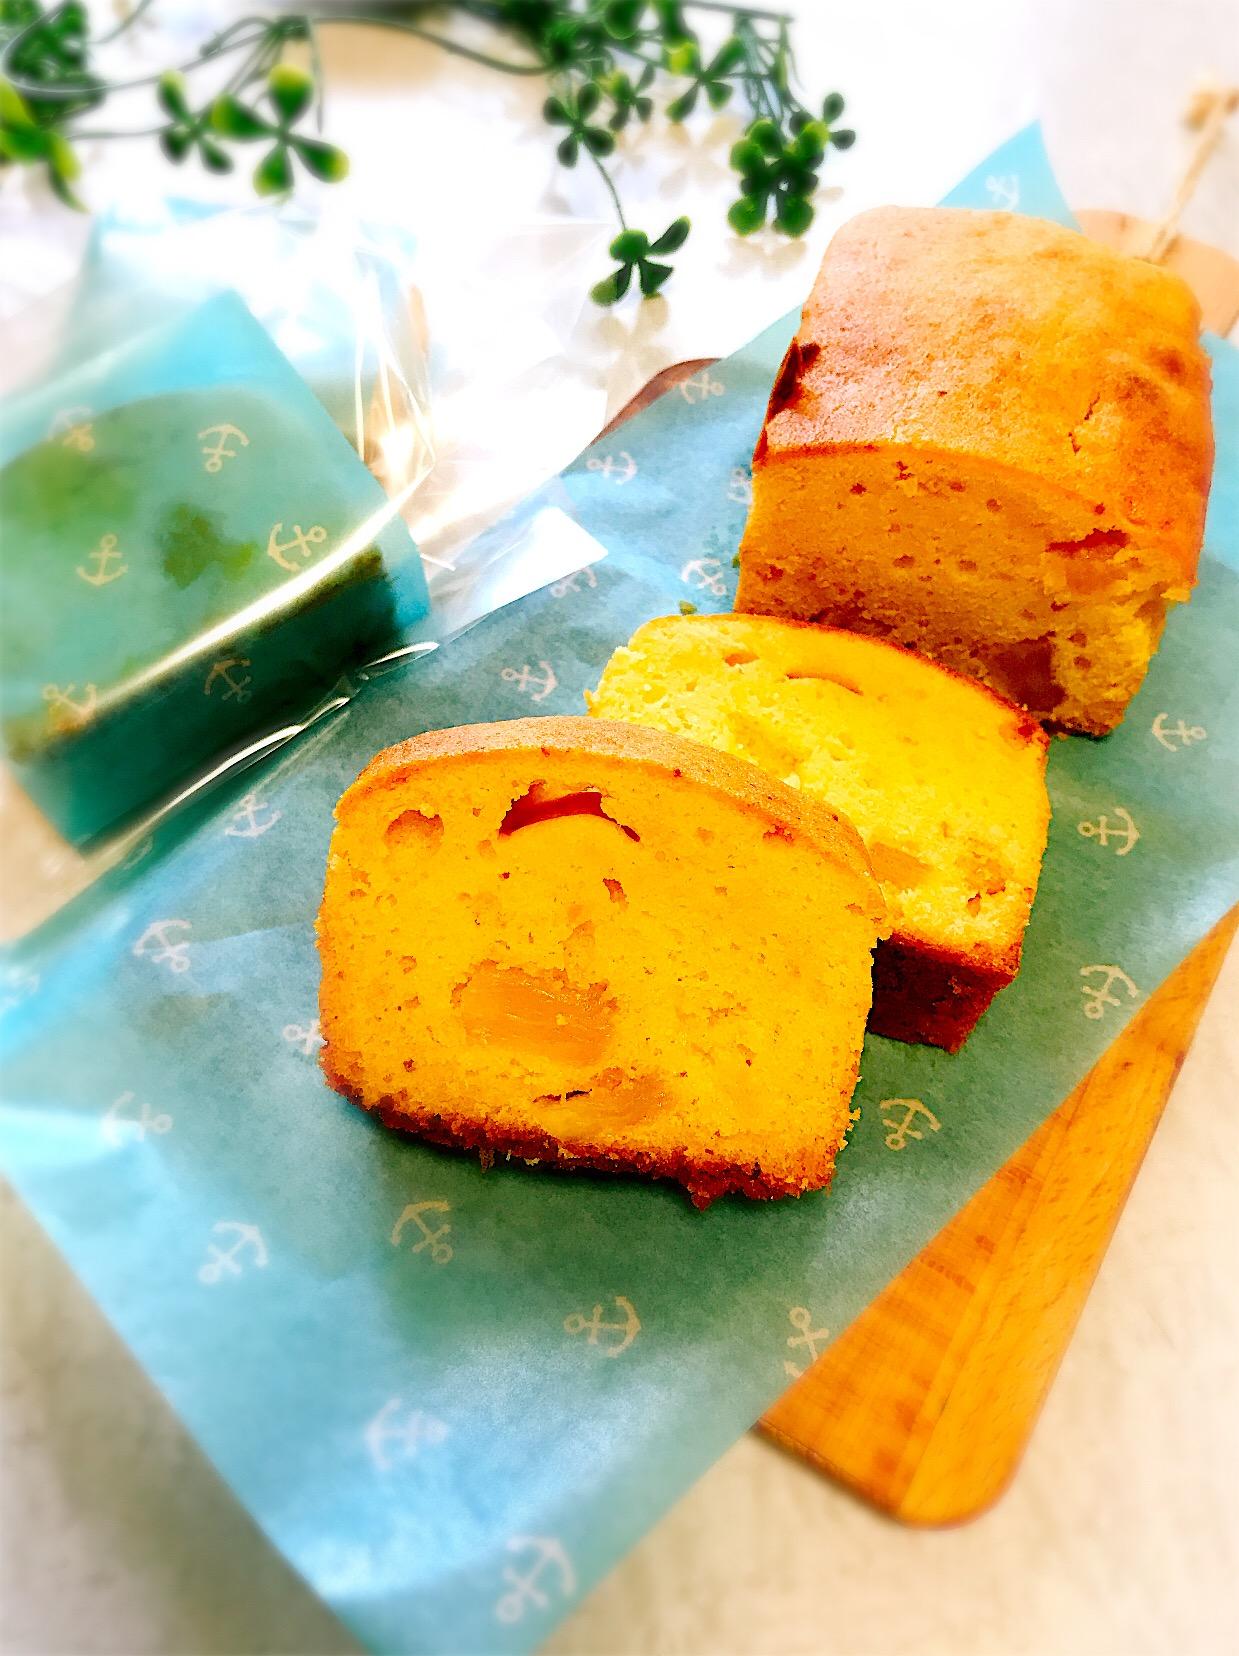 マダム とんちんさんの料理 白みそのパウンドケーキ 誰もが驚くこれチーズじゃないの⁉️ #白みそパウンド